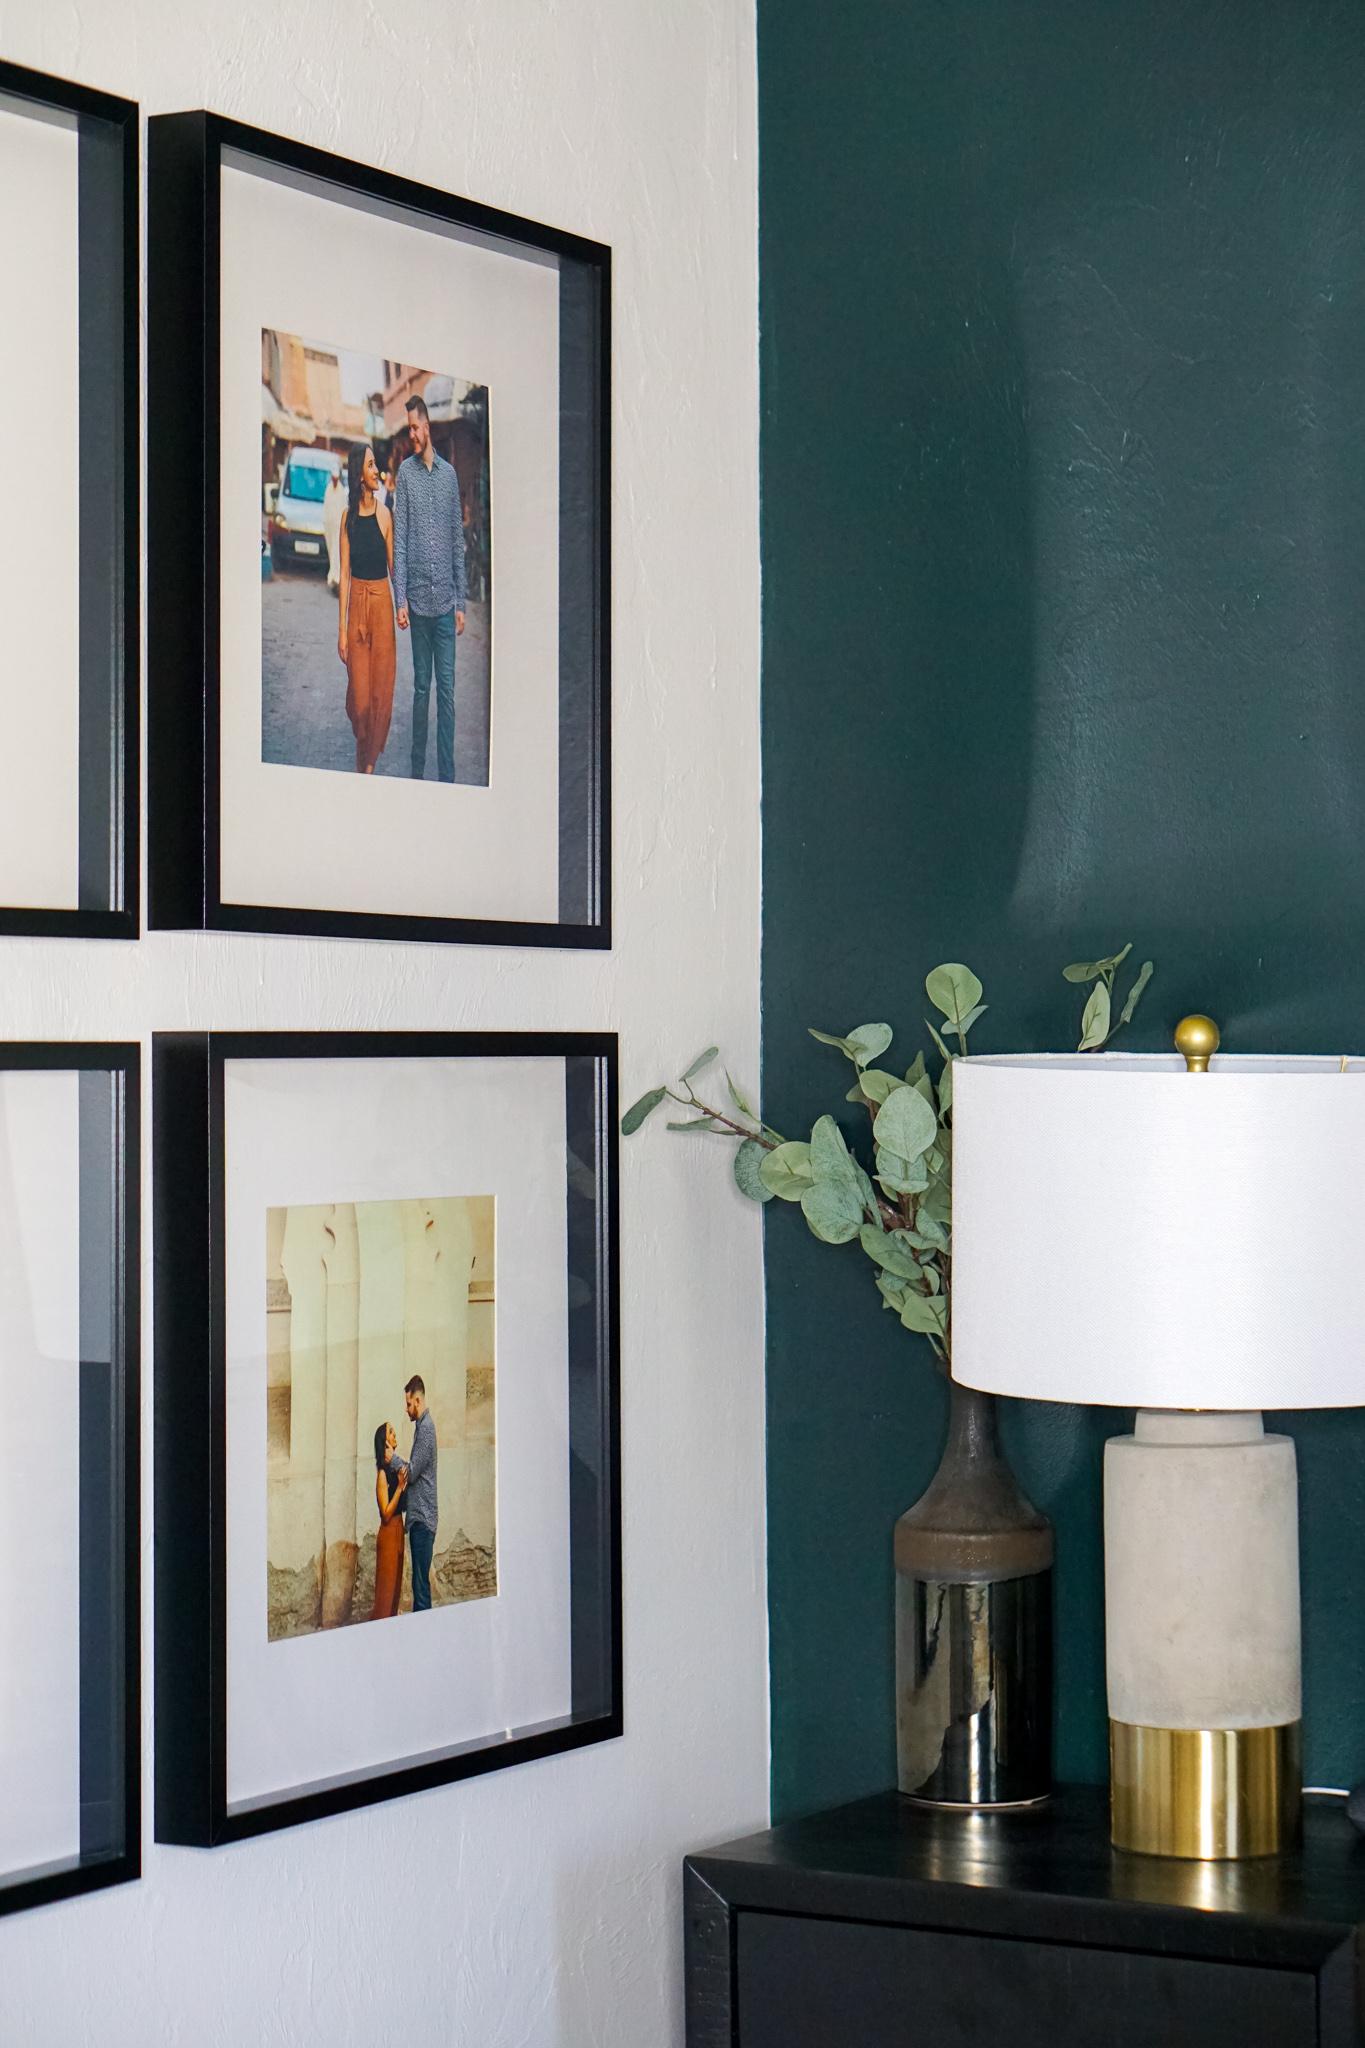 Our Master Bedroom Decor and DIY Upholstered Bed Frame- Monique McHugh Blog